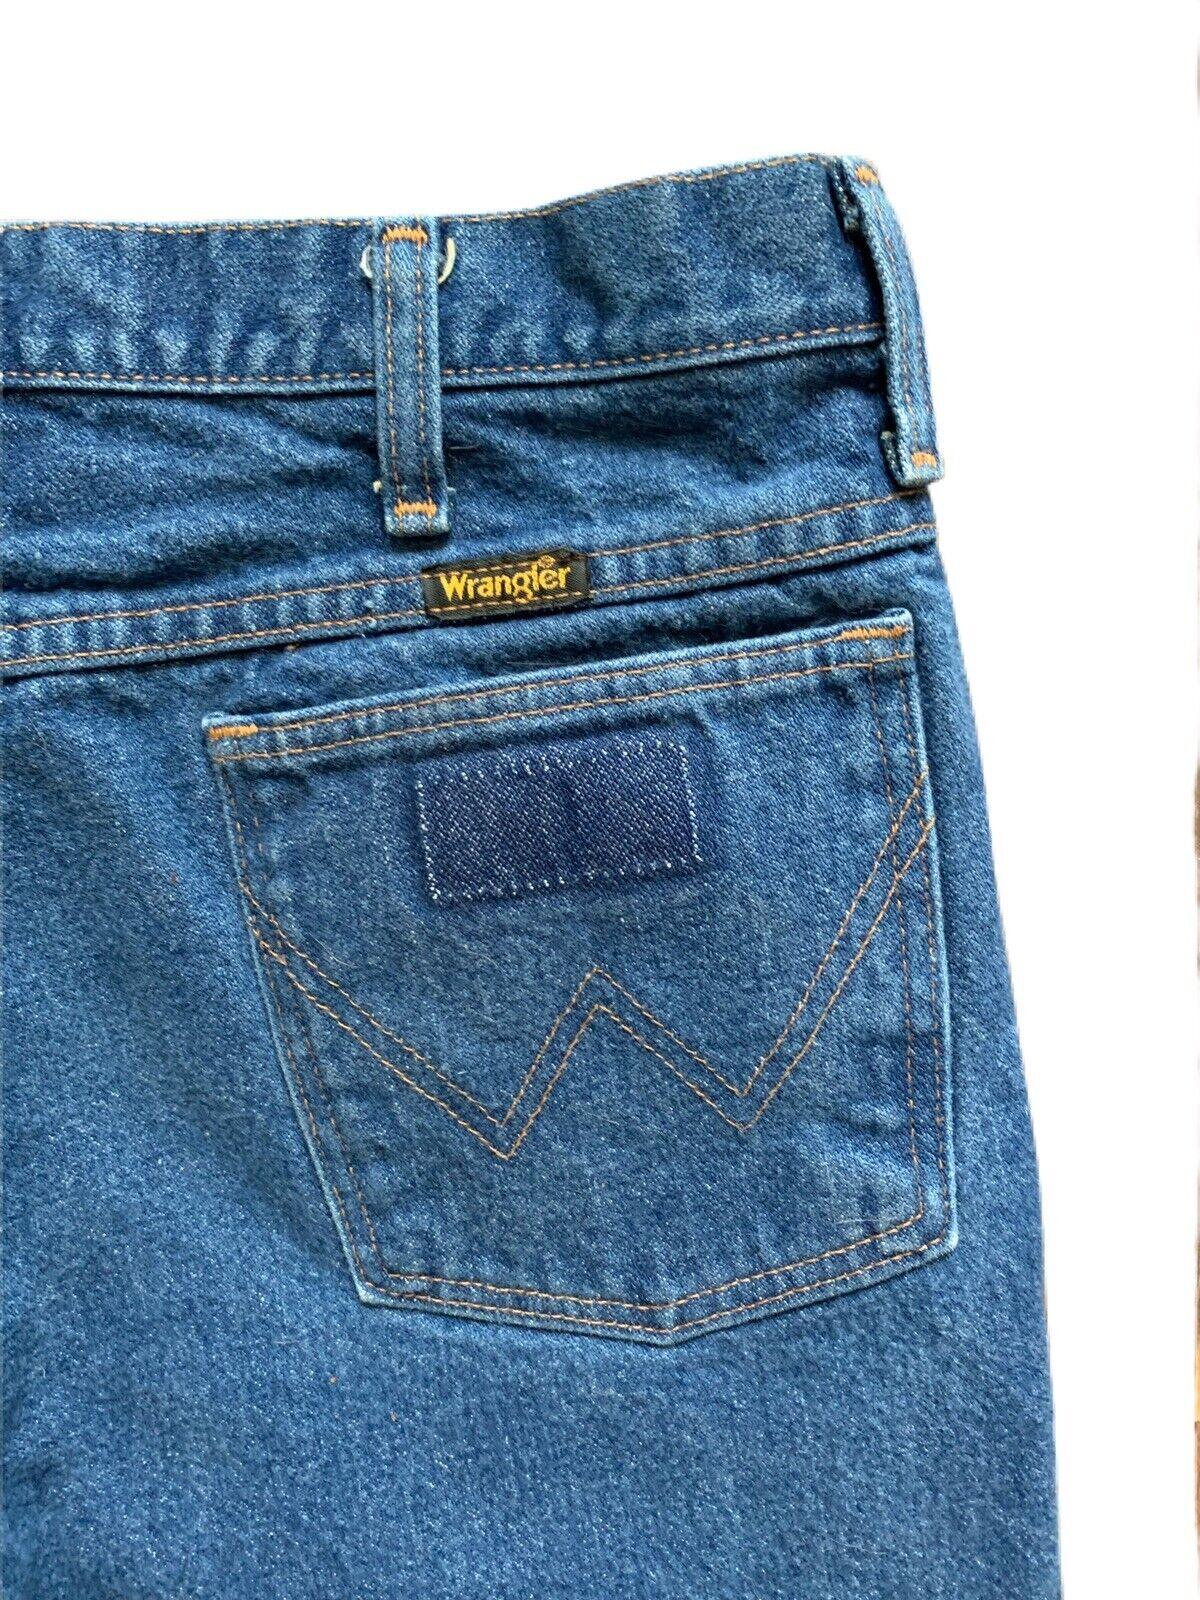 Wrangler Jeans Vintage Wrangler Jeans Wrangler Hi… - image 8